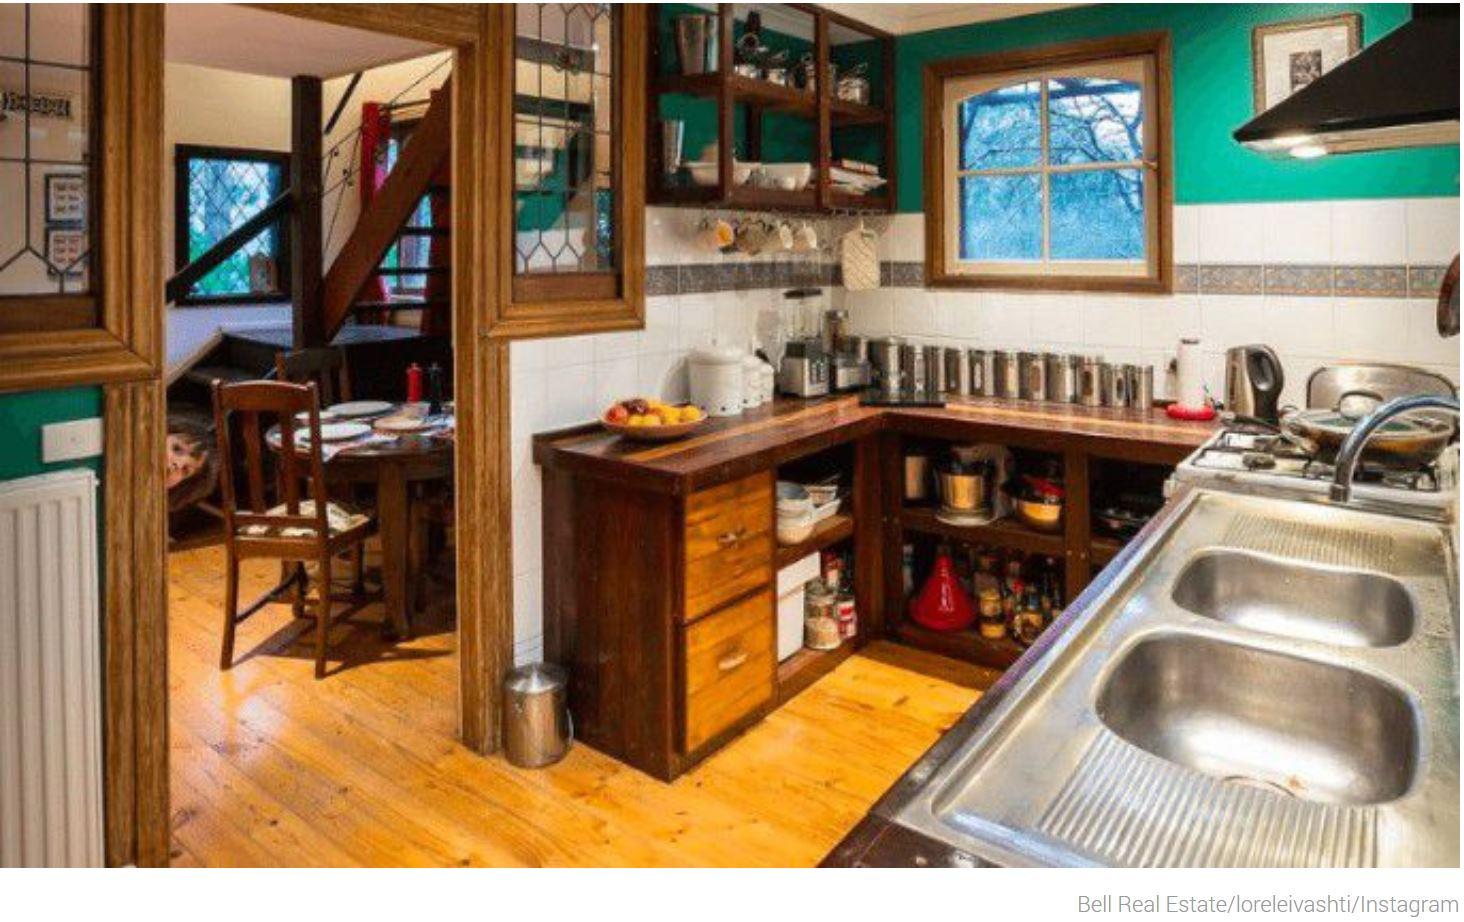 Kid Peeks Into Kitchen